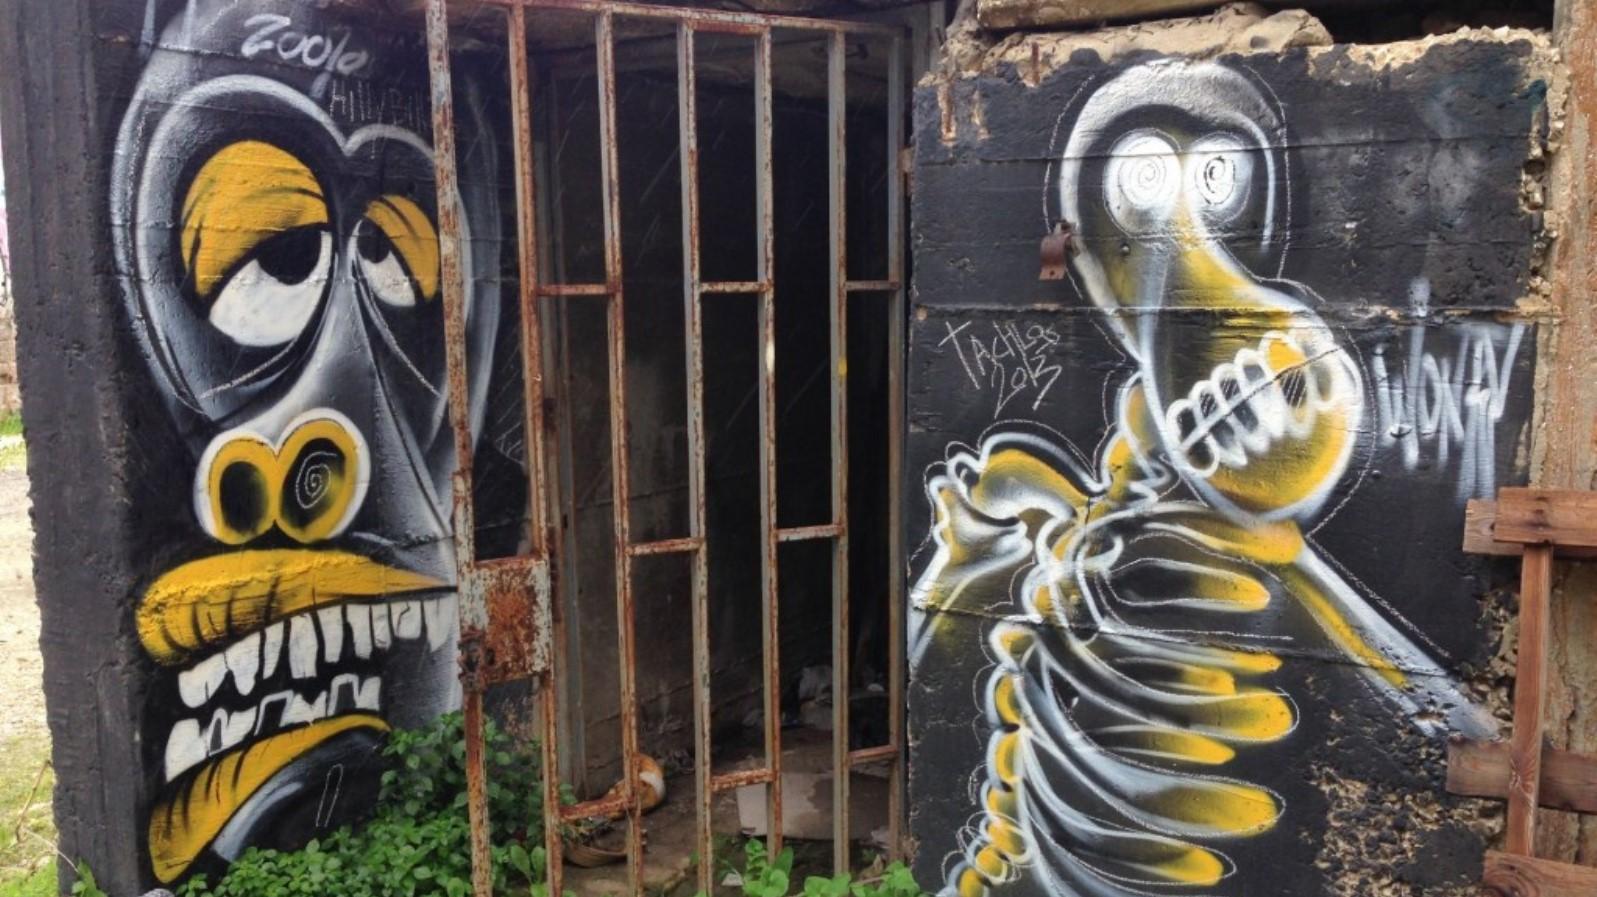 A Wonky Monky work. Photo via Elishavanotes.com